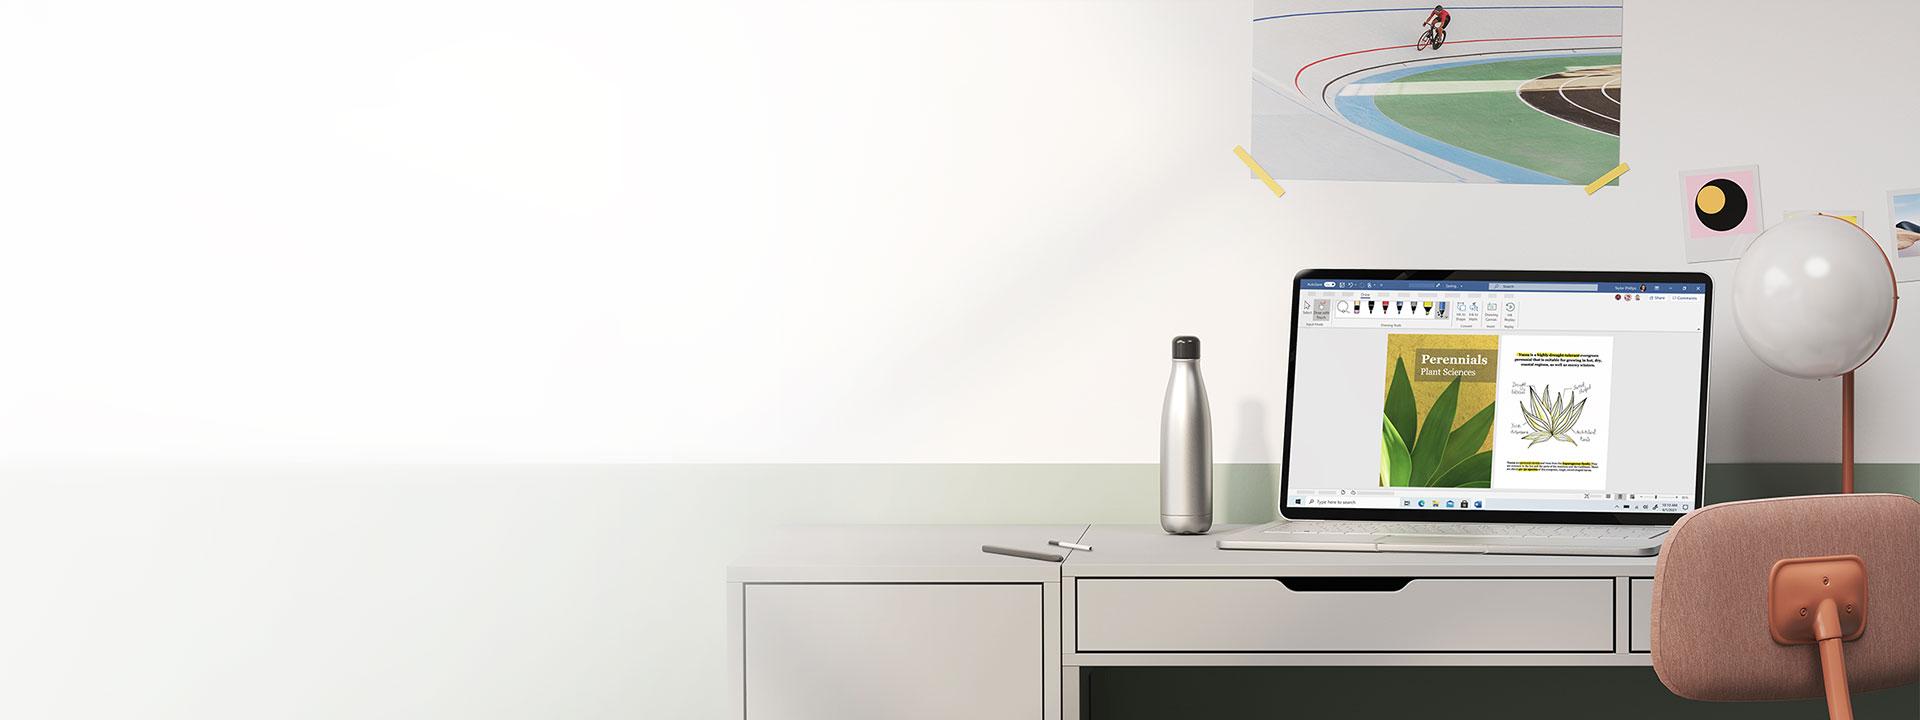 机の上に置いてある Windows10 ノート PC